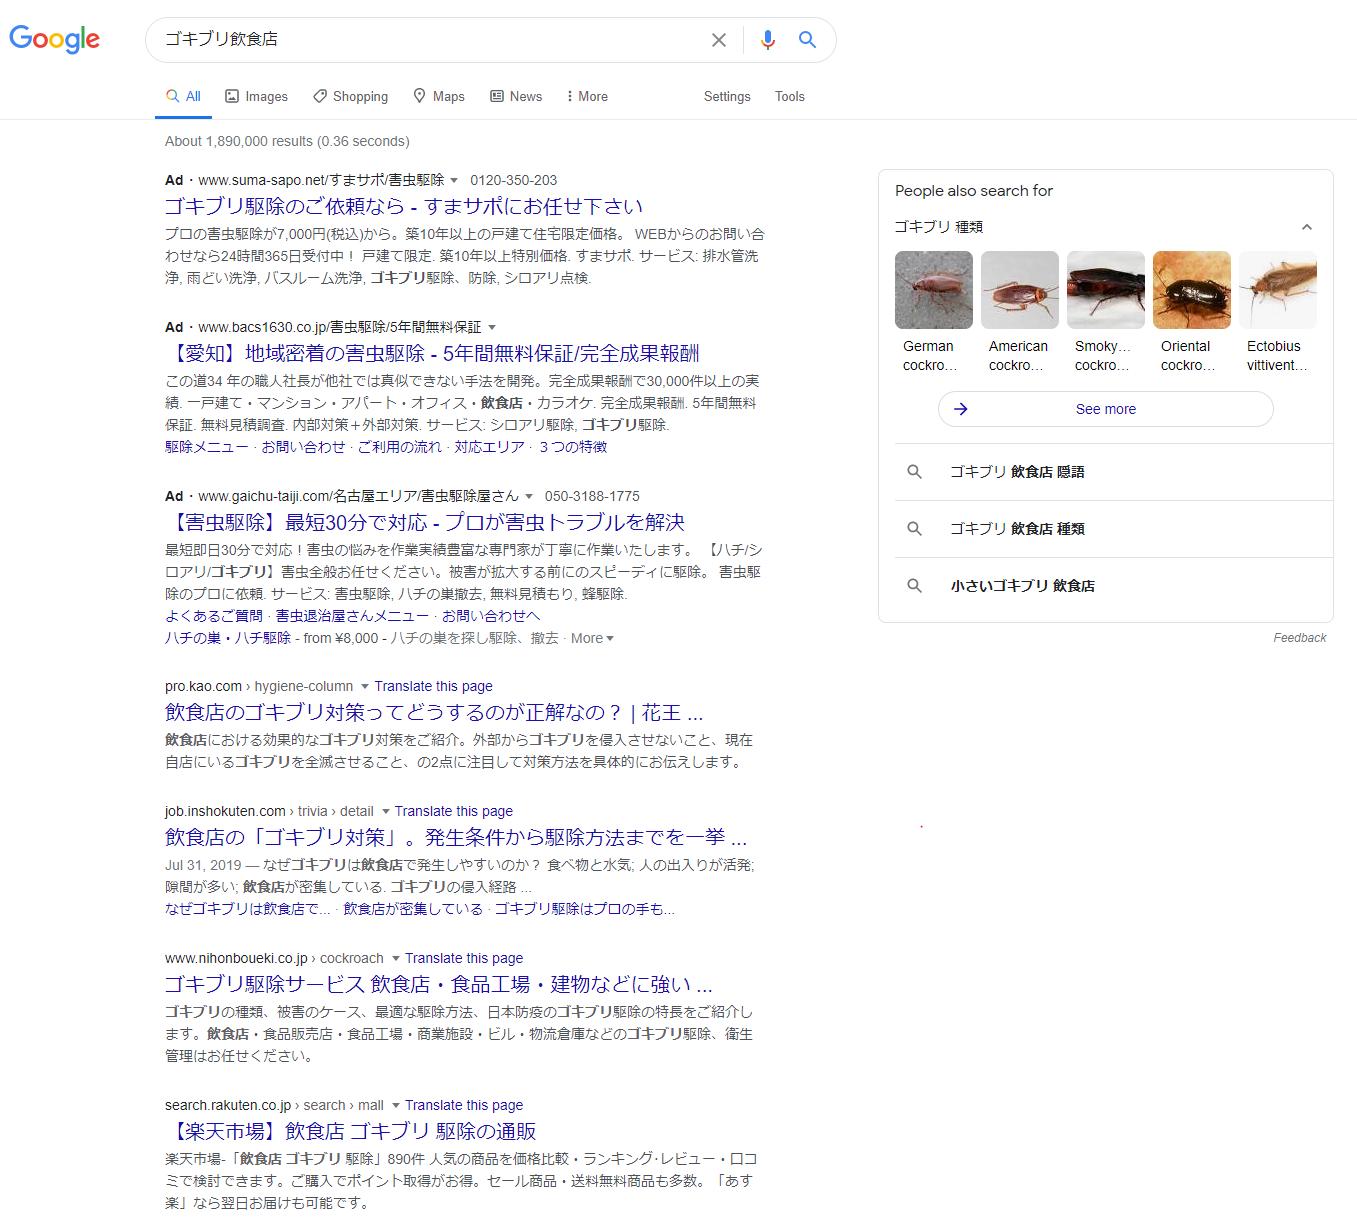 「ゴキブリ飲食店」のGoogle検索結果